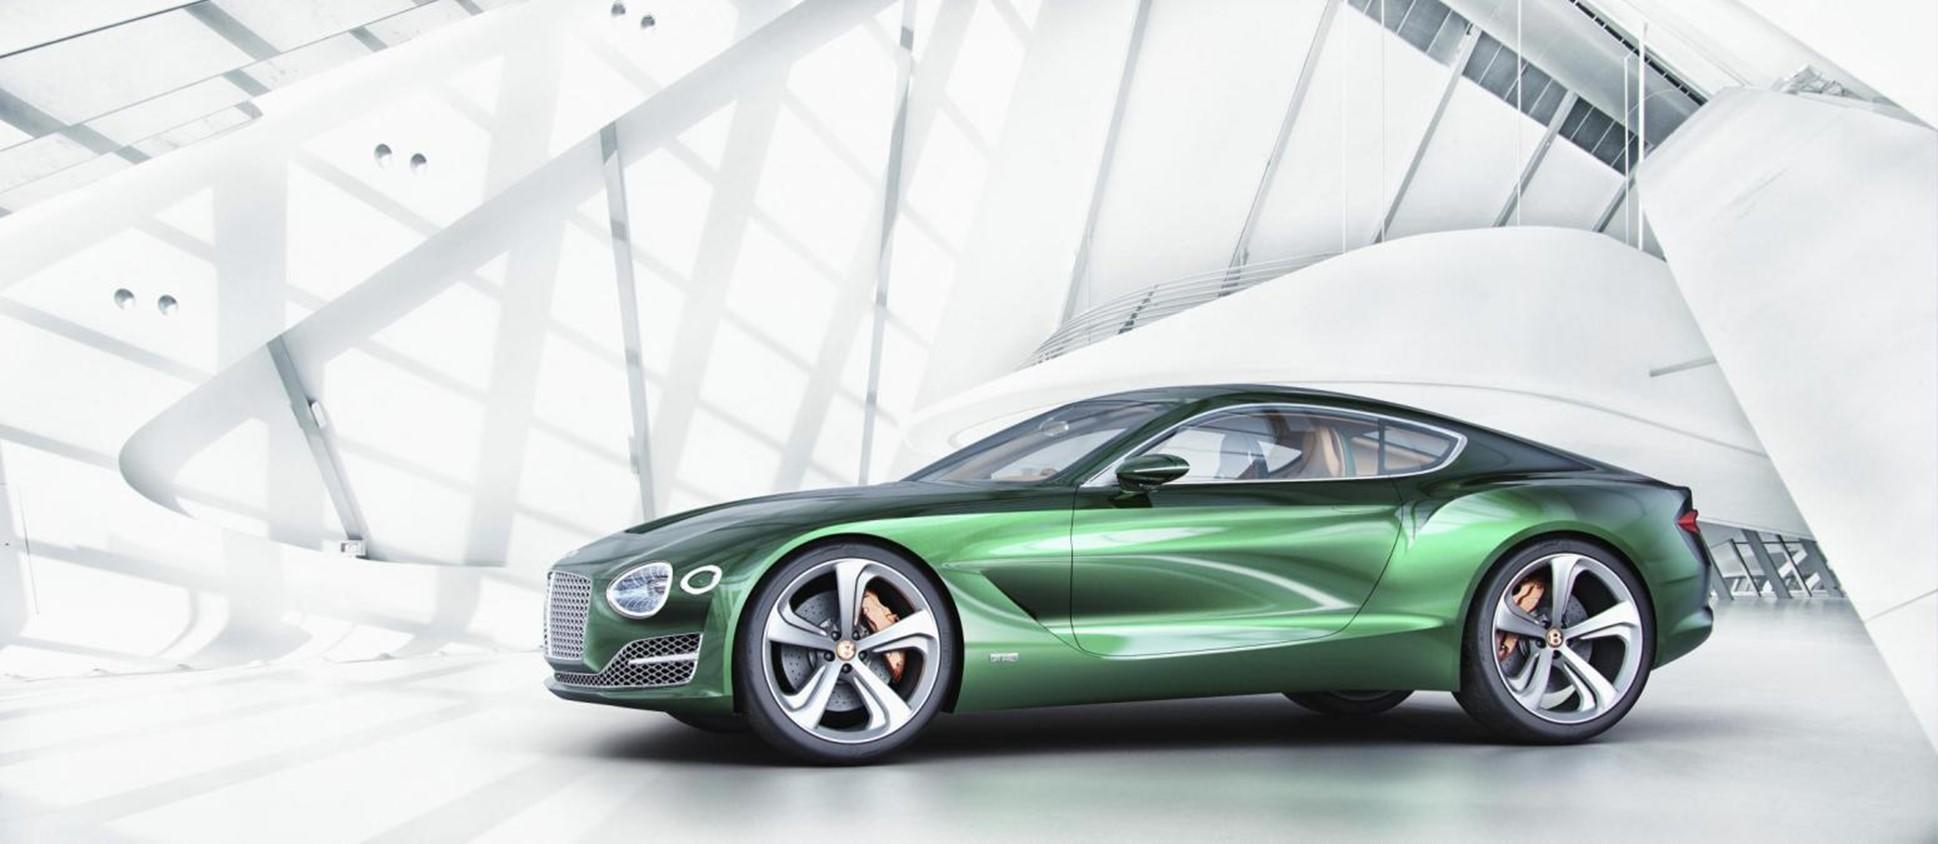 030815_0530_Bentley14.jpg